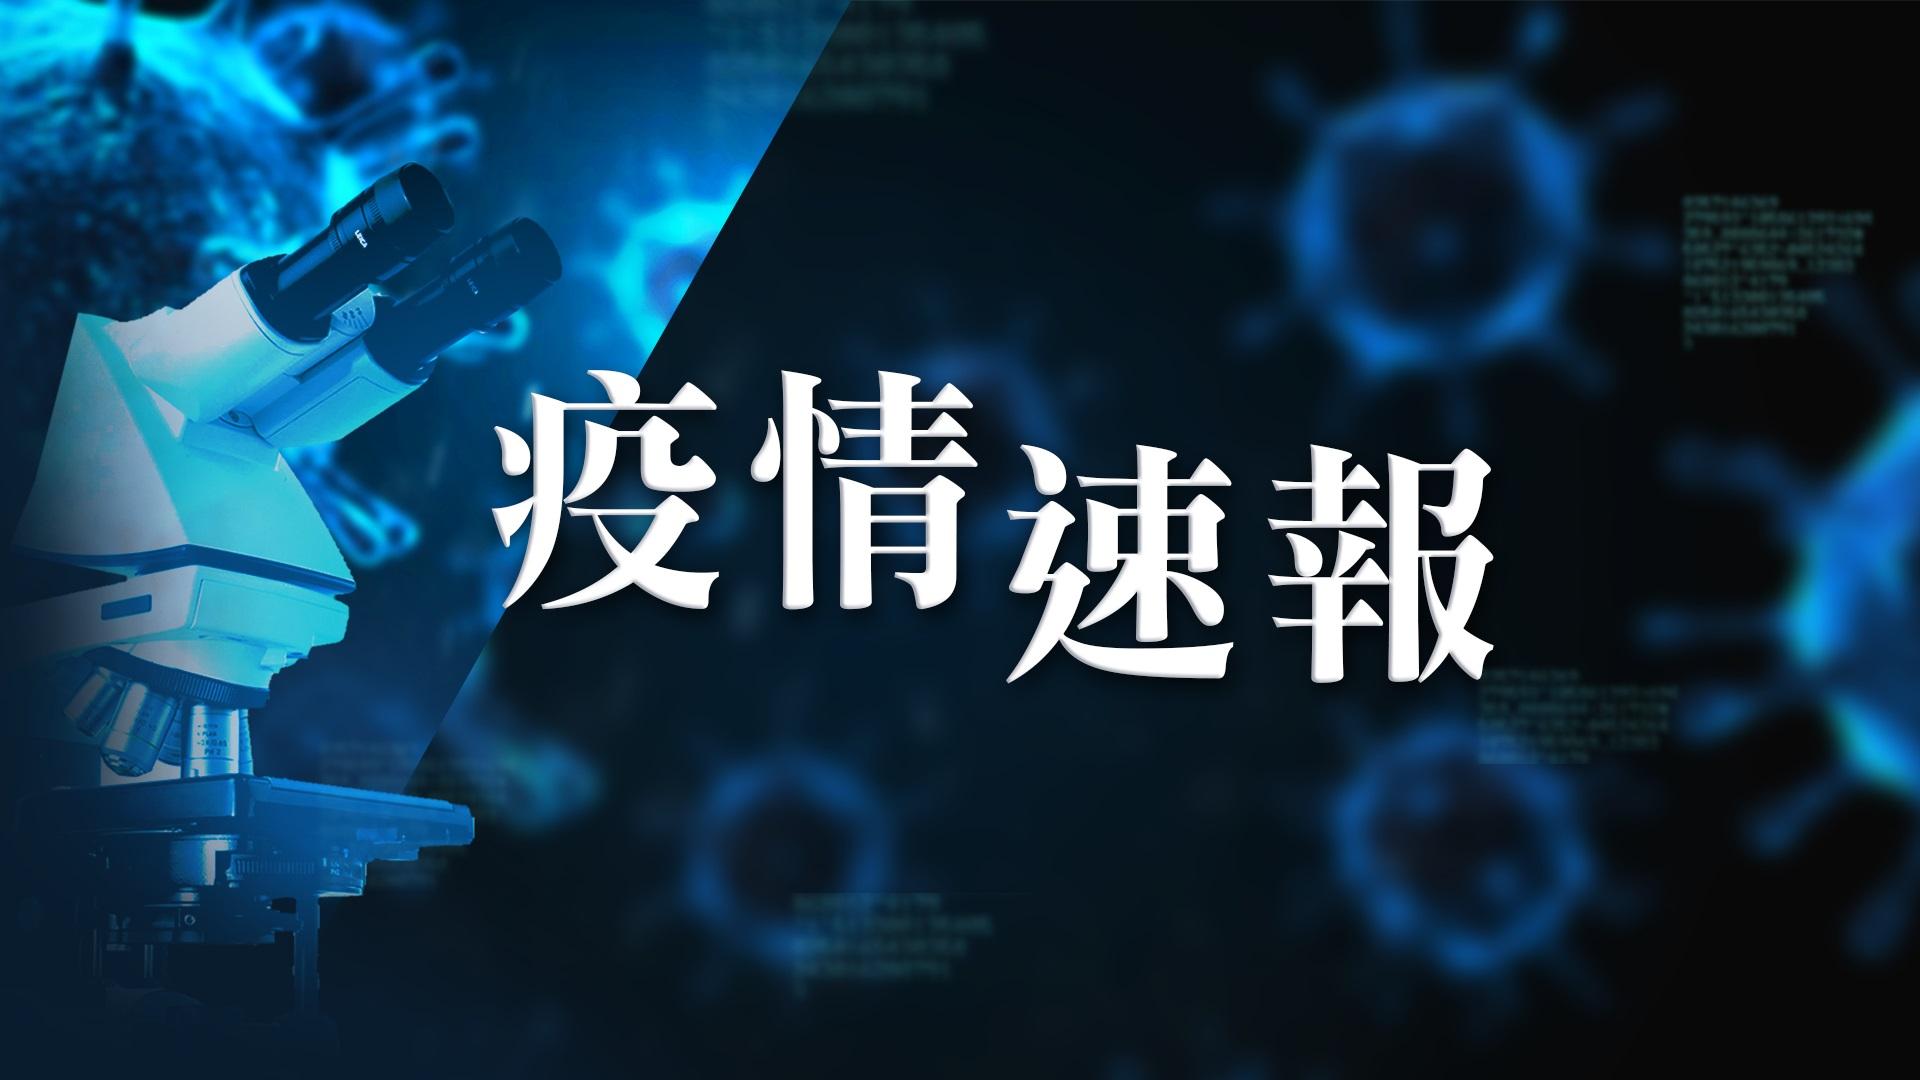 【2月22日疫情速報】(23:40)